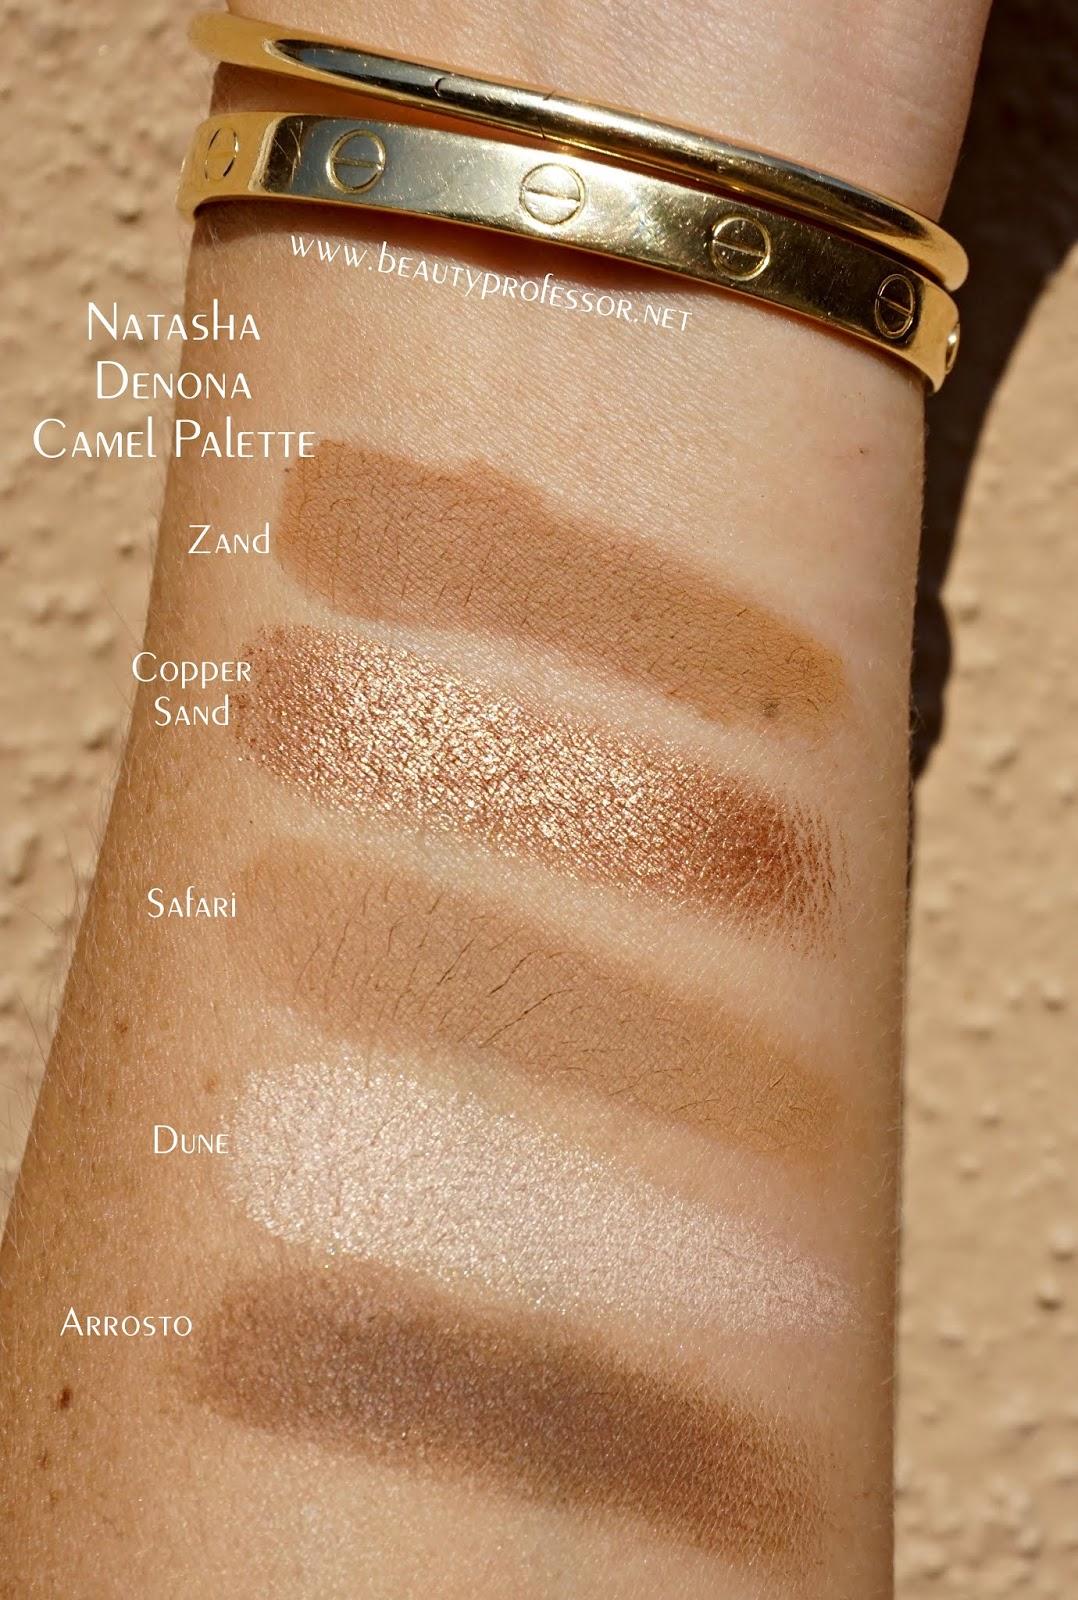 natasha denona camel palette swatches